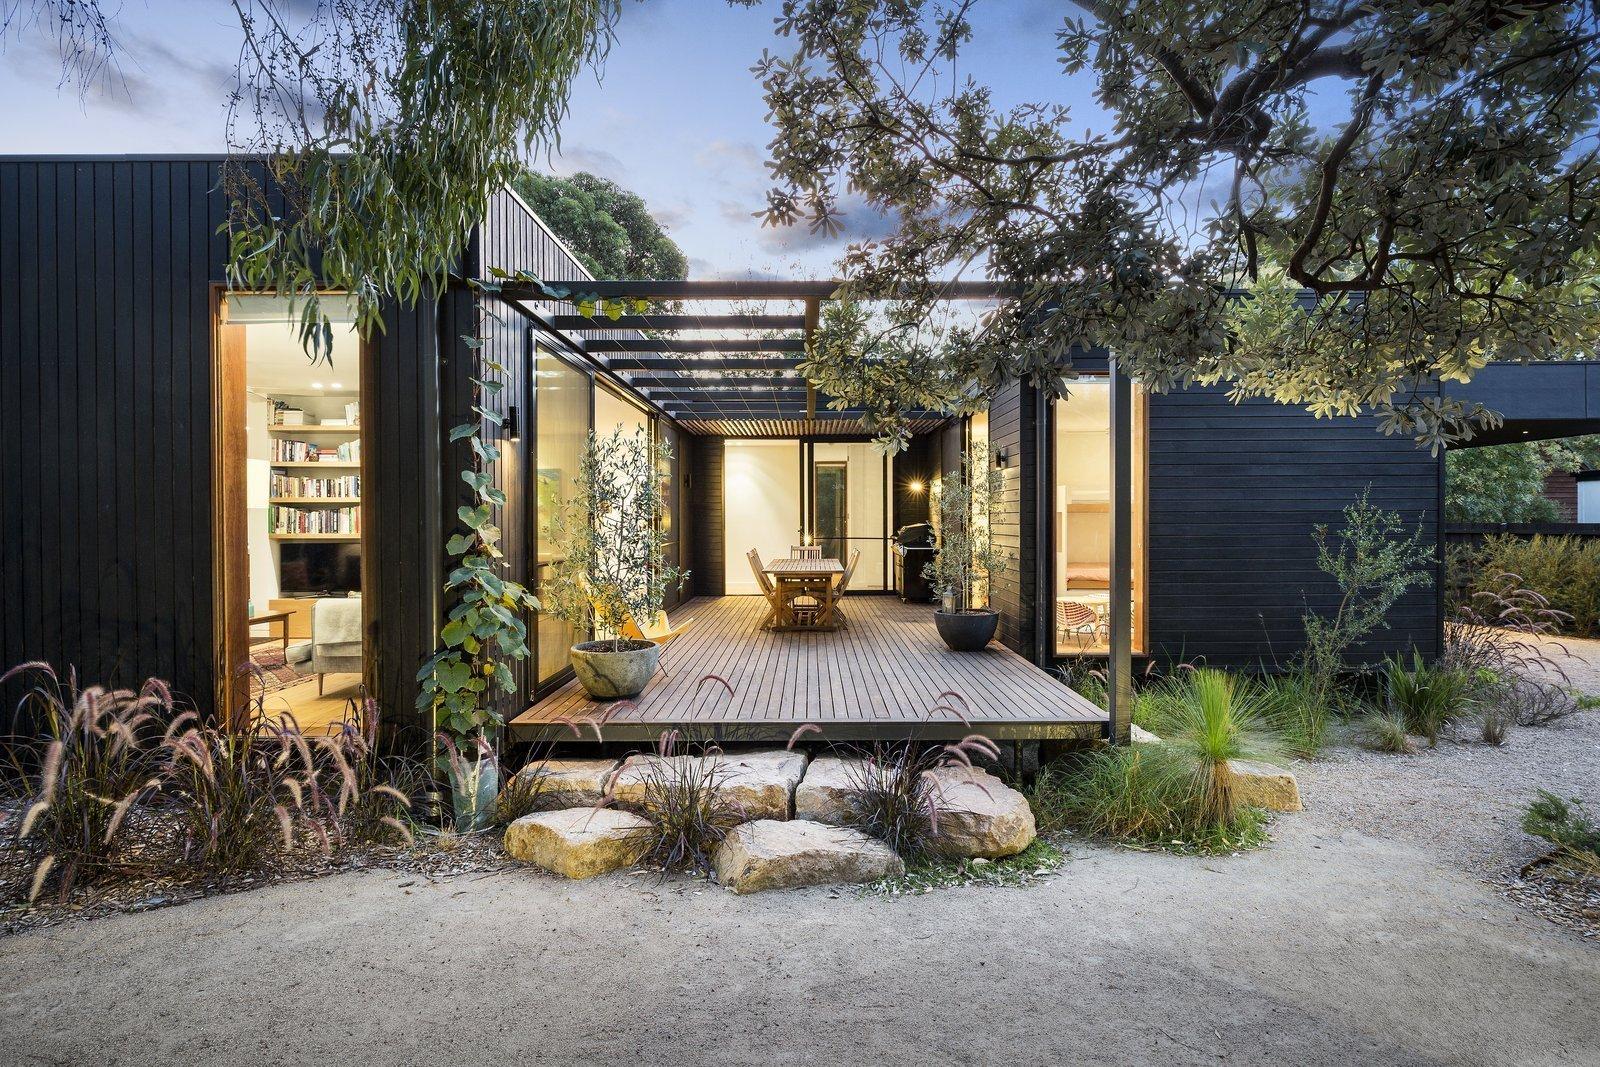 Tento skvěle propojený rodinný rekreační dům je uspořádán ve tvaru písmene U a sestává ze sedmi modulů propojených dohromady skrze centrální nádvoří. Nachází se v přímořském prostředí australské Merricks Beach a navrhl ho architekt Pleysier Perkins. Jeho nenápadné usazení v poměrně hojné vegetaci a také obložení z tmavého dřeva má za následek, že stavba působí téměř nenápadným dojmem.